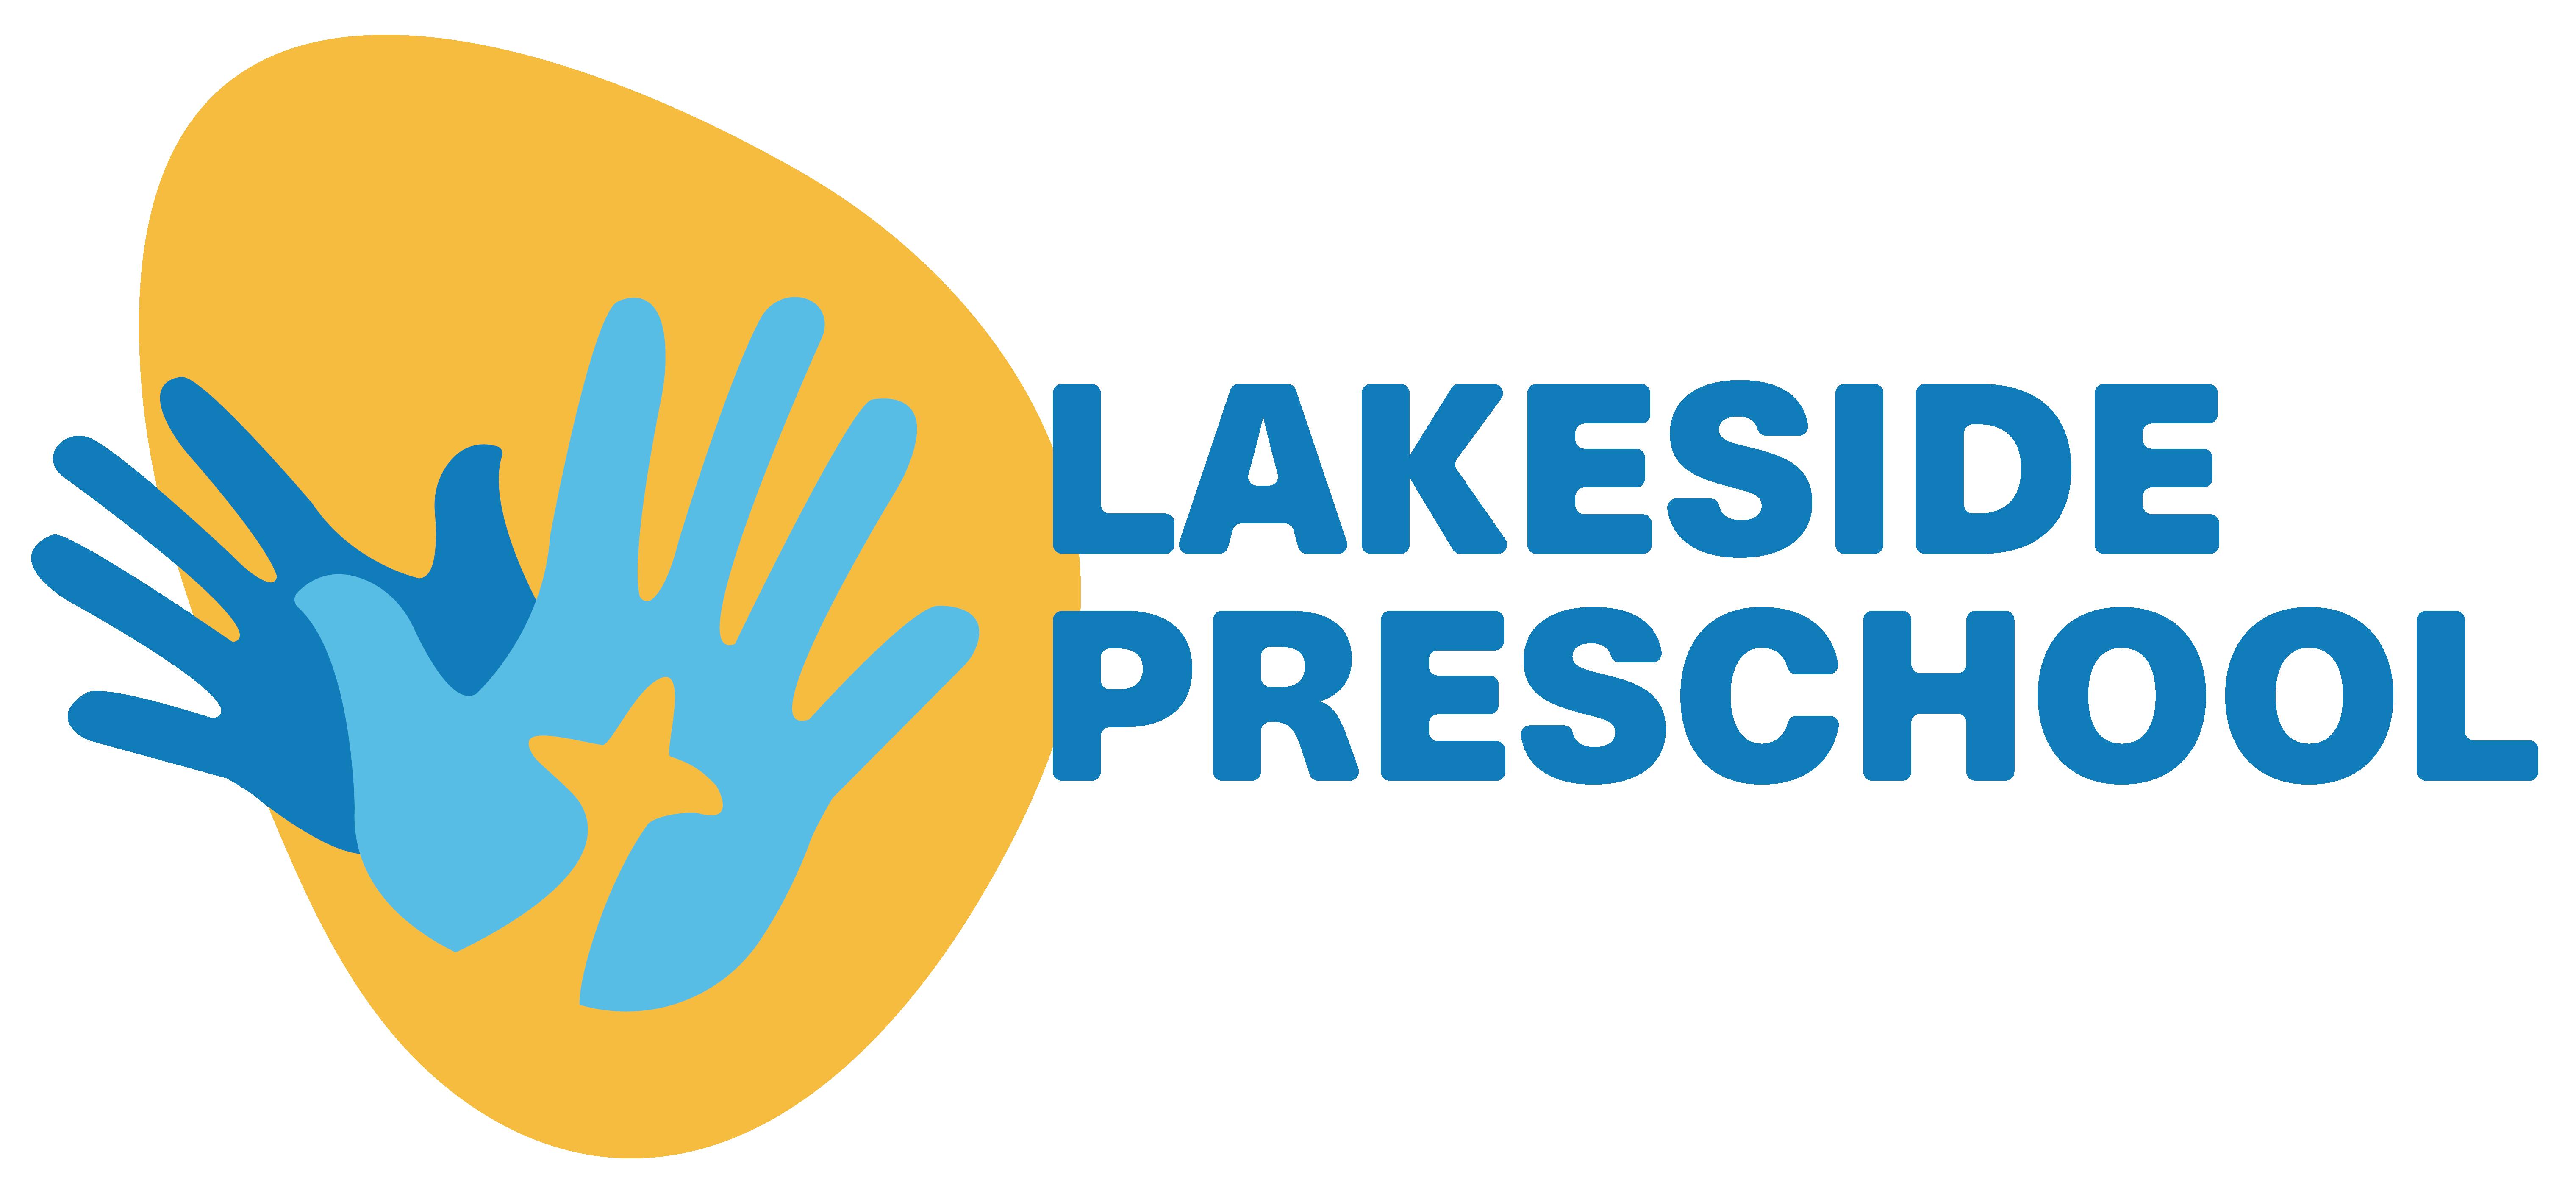 Lakeside Preschool